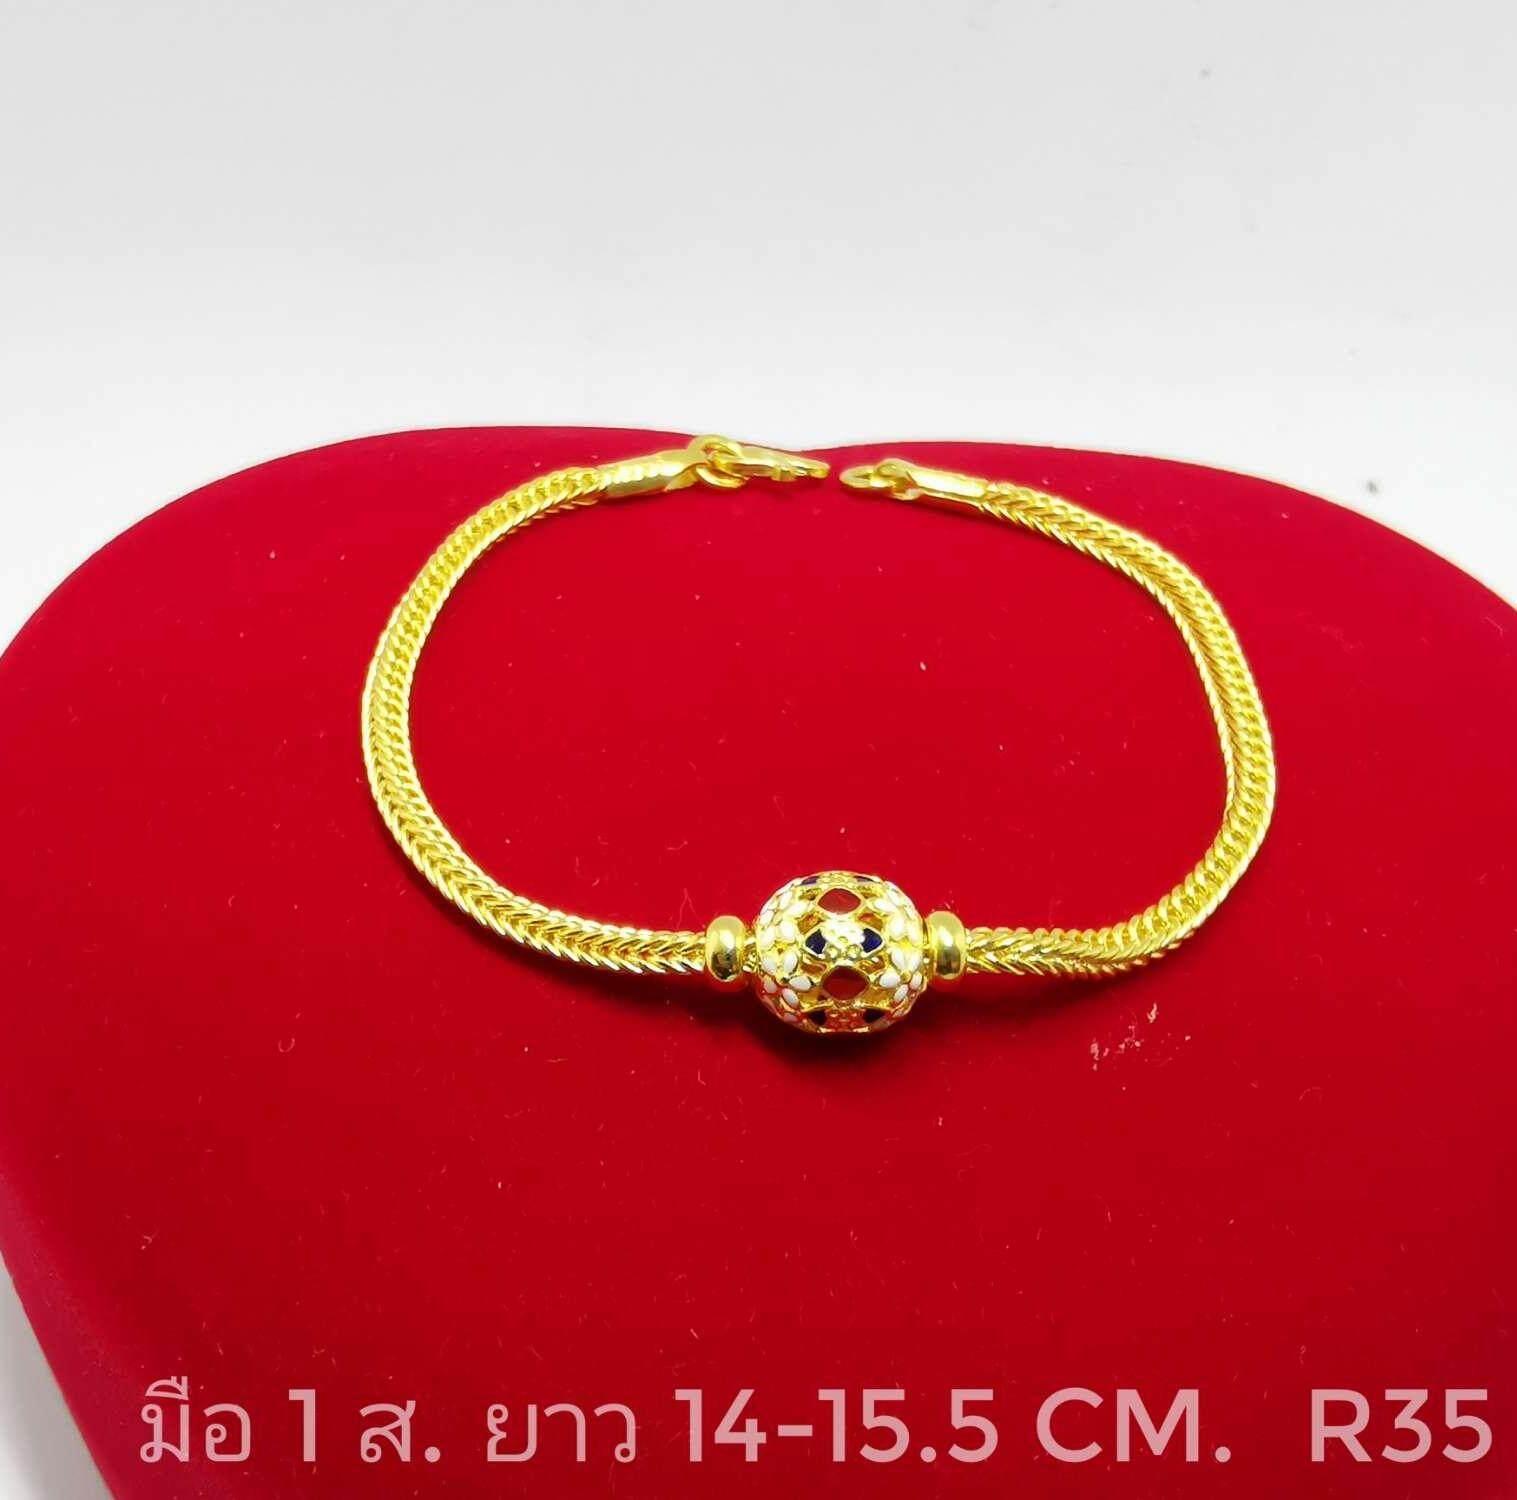 สร้อยข้อมือ สร้อยข้อมือทองแท้ 1 สลึง(3.8g) ทองแท้มาตรฐานทองคำเยาวราช 96.5%(22k) ยาว 15-16 Cm. ขายได้จำนำได้ มีใบรับประกัน By Thongsuay By Thongbai.